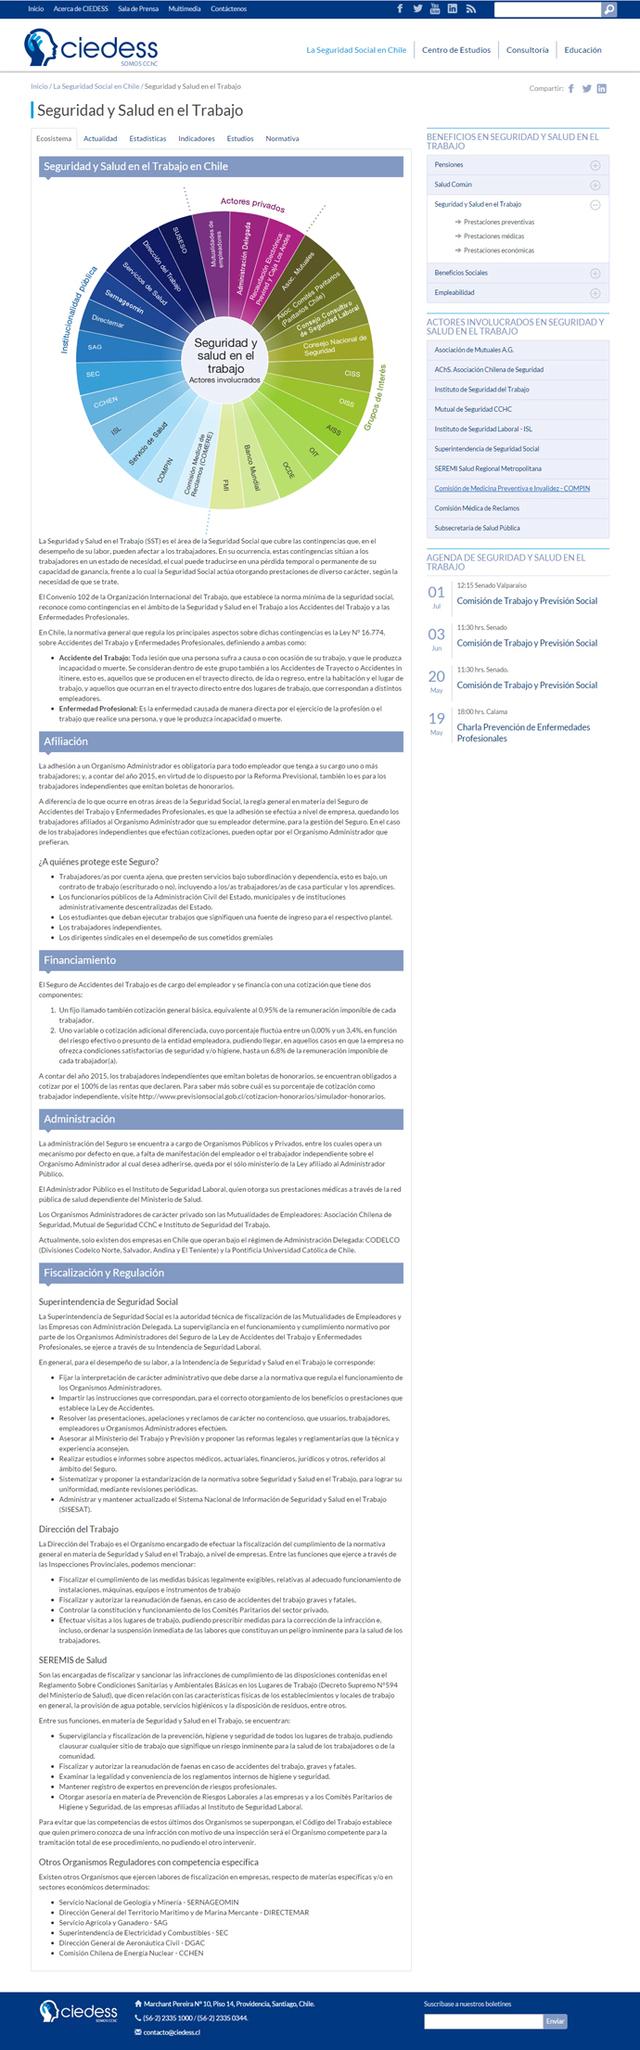 Ciedess: Panorama de la seguridad social en Chile - Newtenberg ...